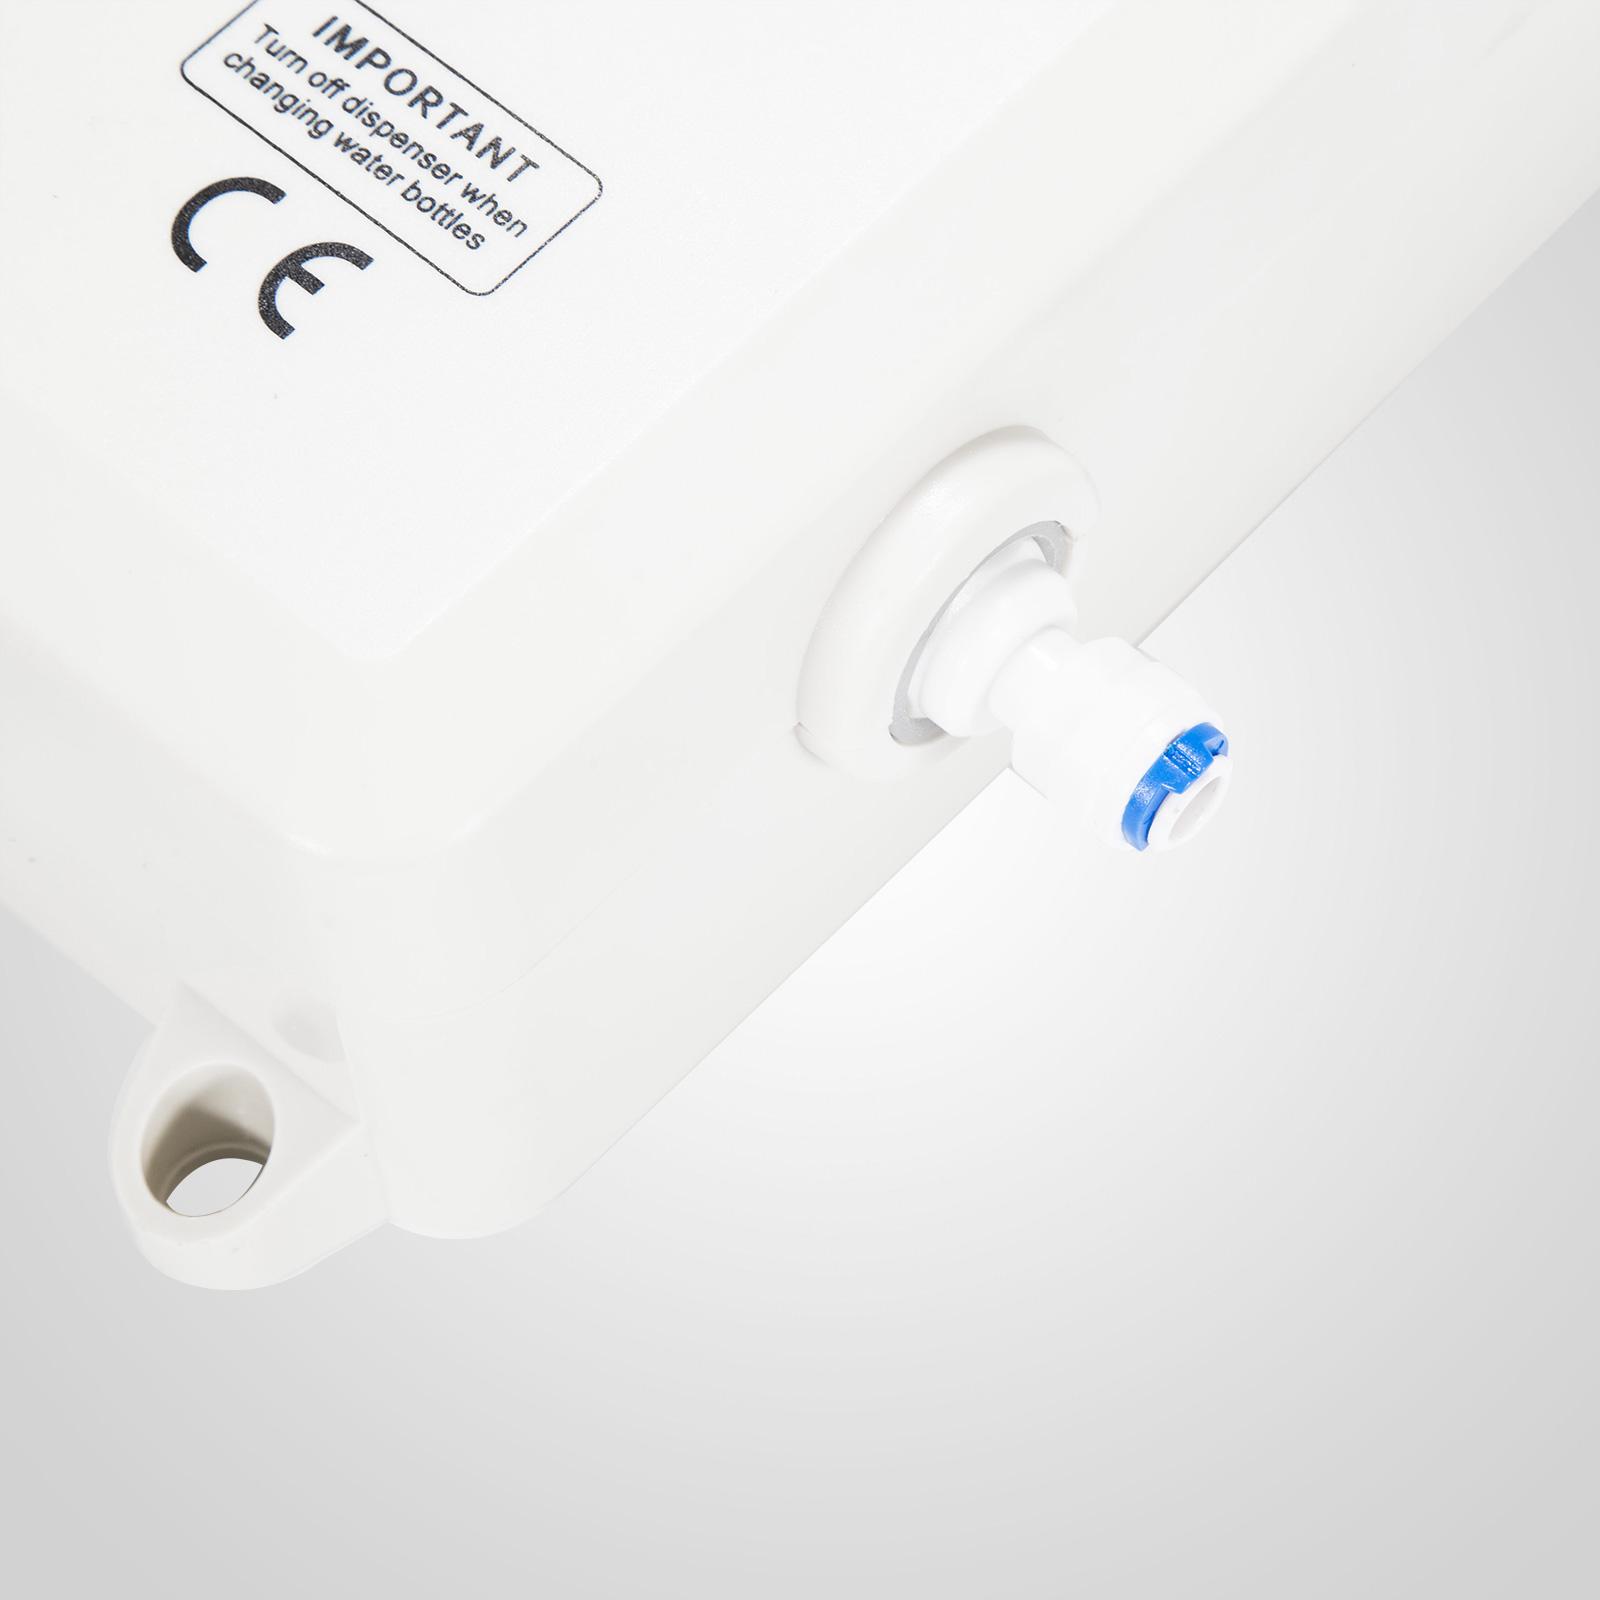 pumpe wasserspender dispenser abgef lltes 40 psi f r b ro. Black Bedroom Furniture Sets. Home Design Ideas